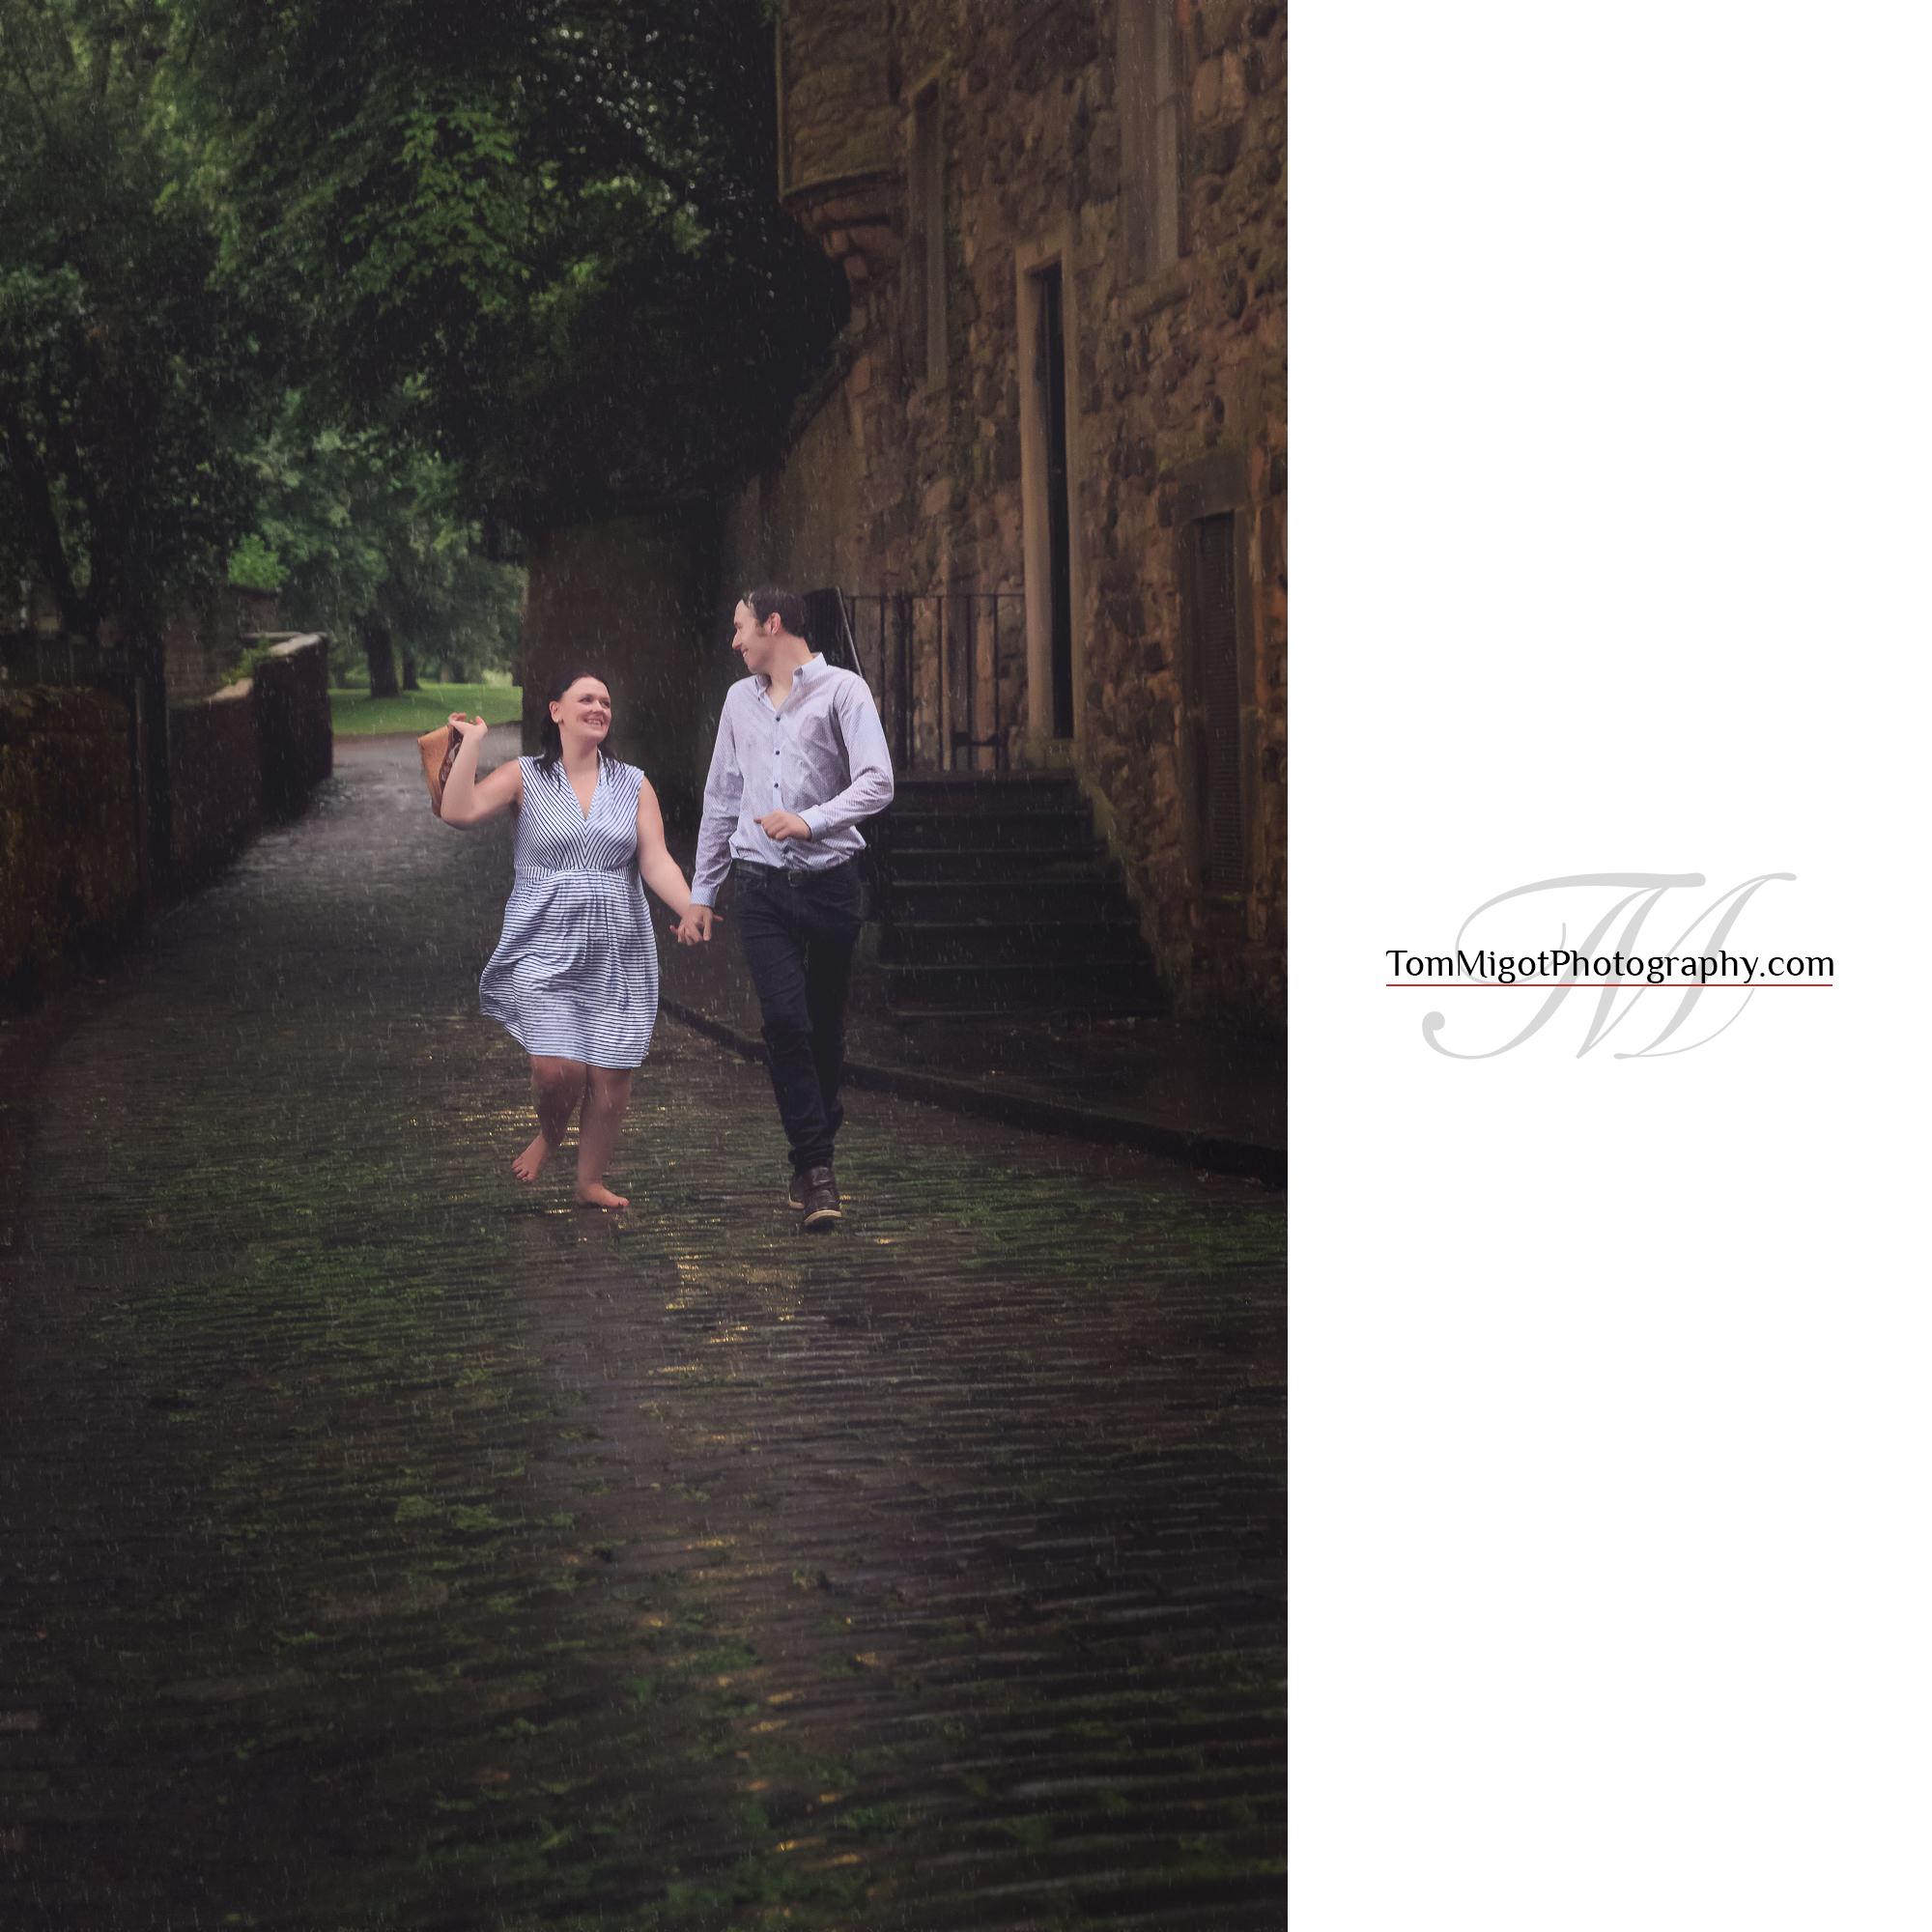 Les futures mariés dans une rue d'Edimbourg sous la pluie pendant leur séance photo d'avant mariage